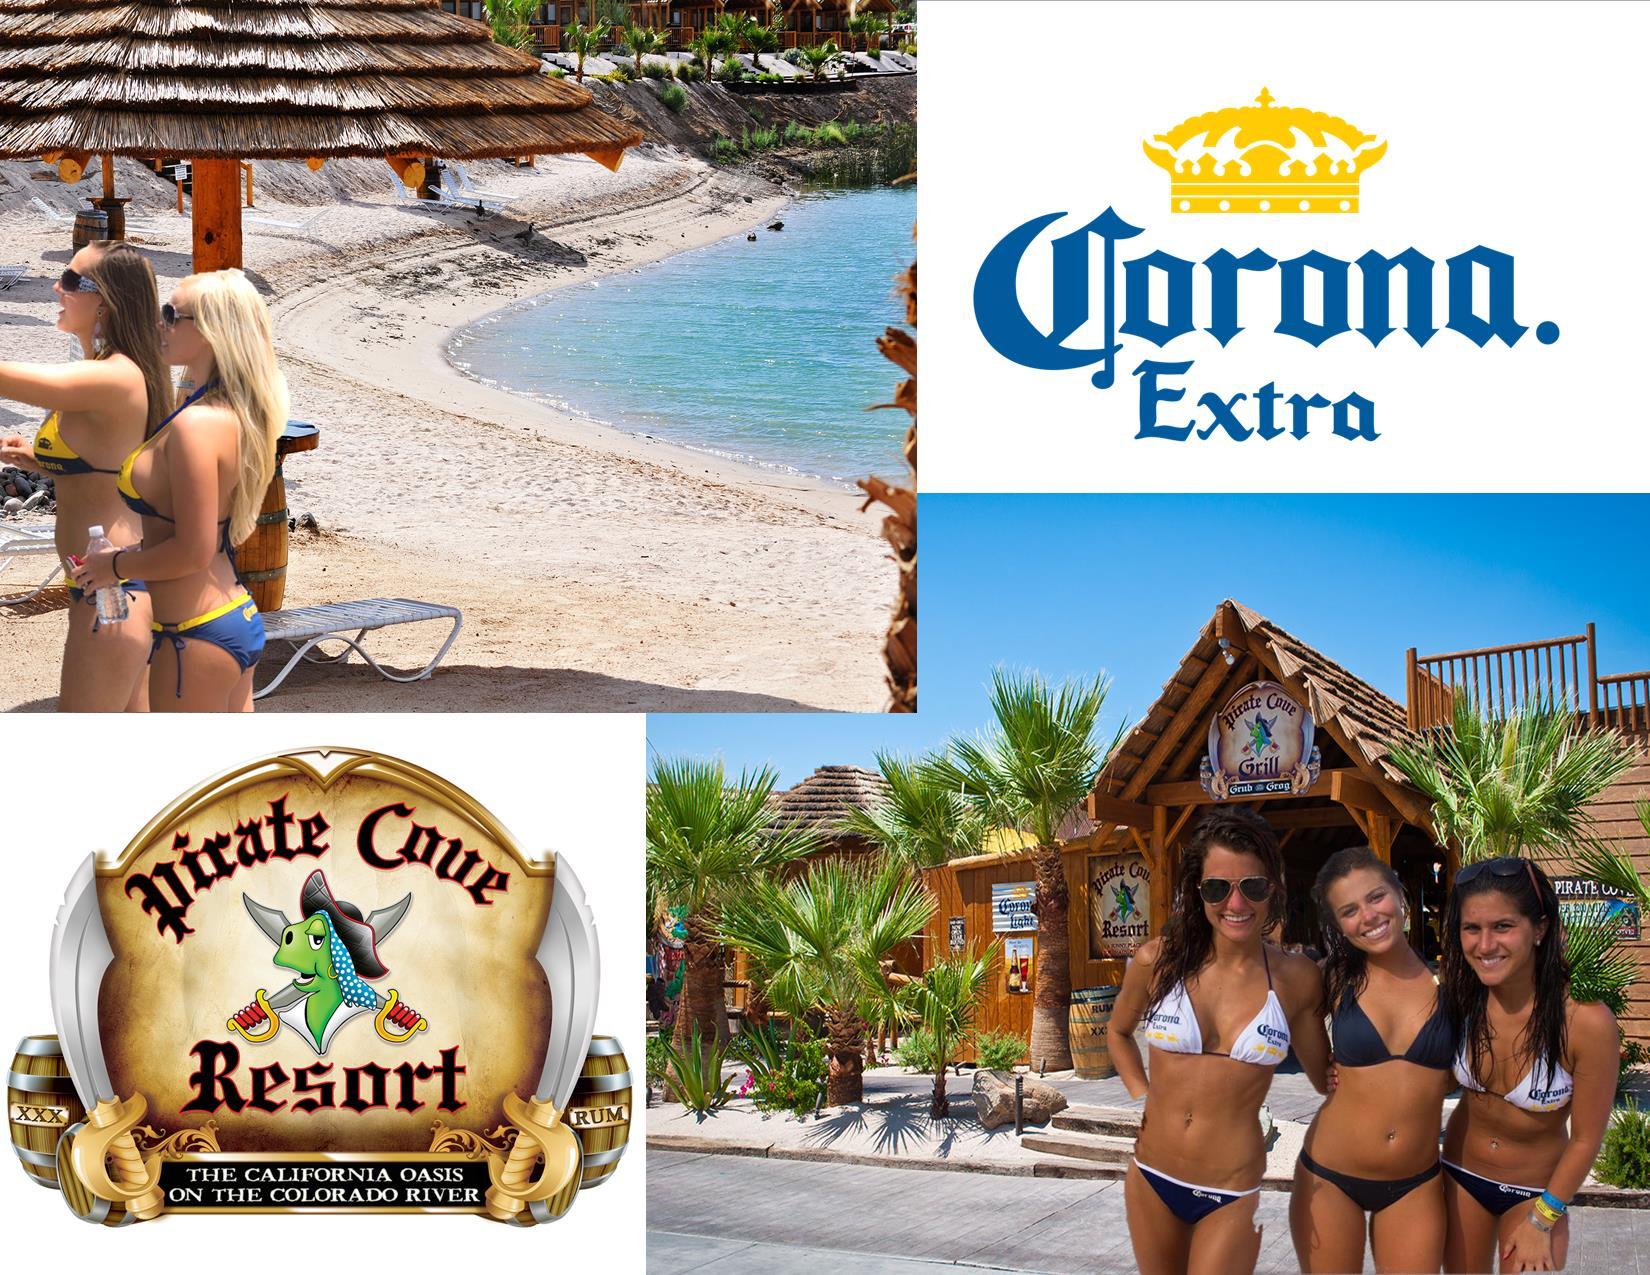 corona flyer